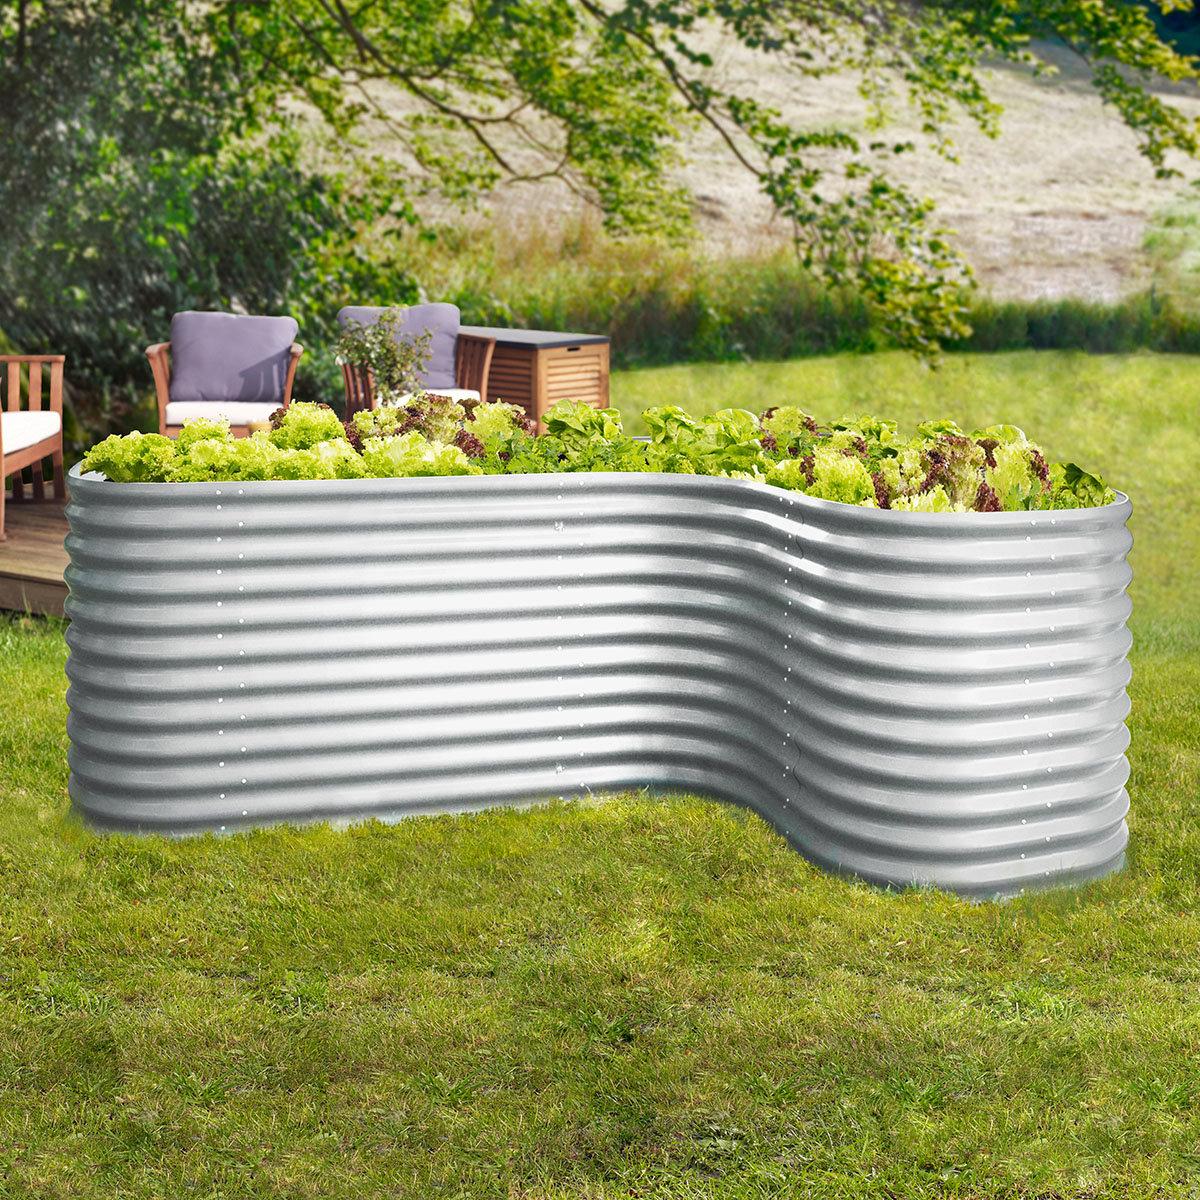 vitavia hochbeet erweiterung curve aluminium online kaufen bei g rtner p tschke. Black Bedroom Furniture Sets. Home Design Ideas